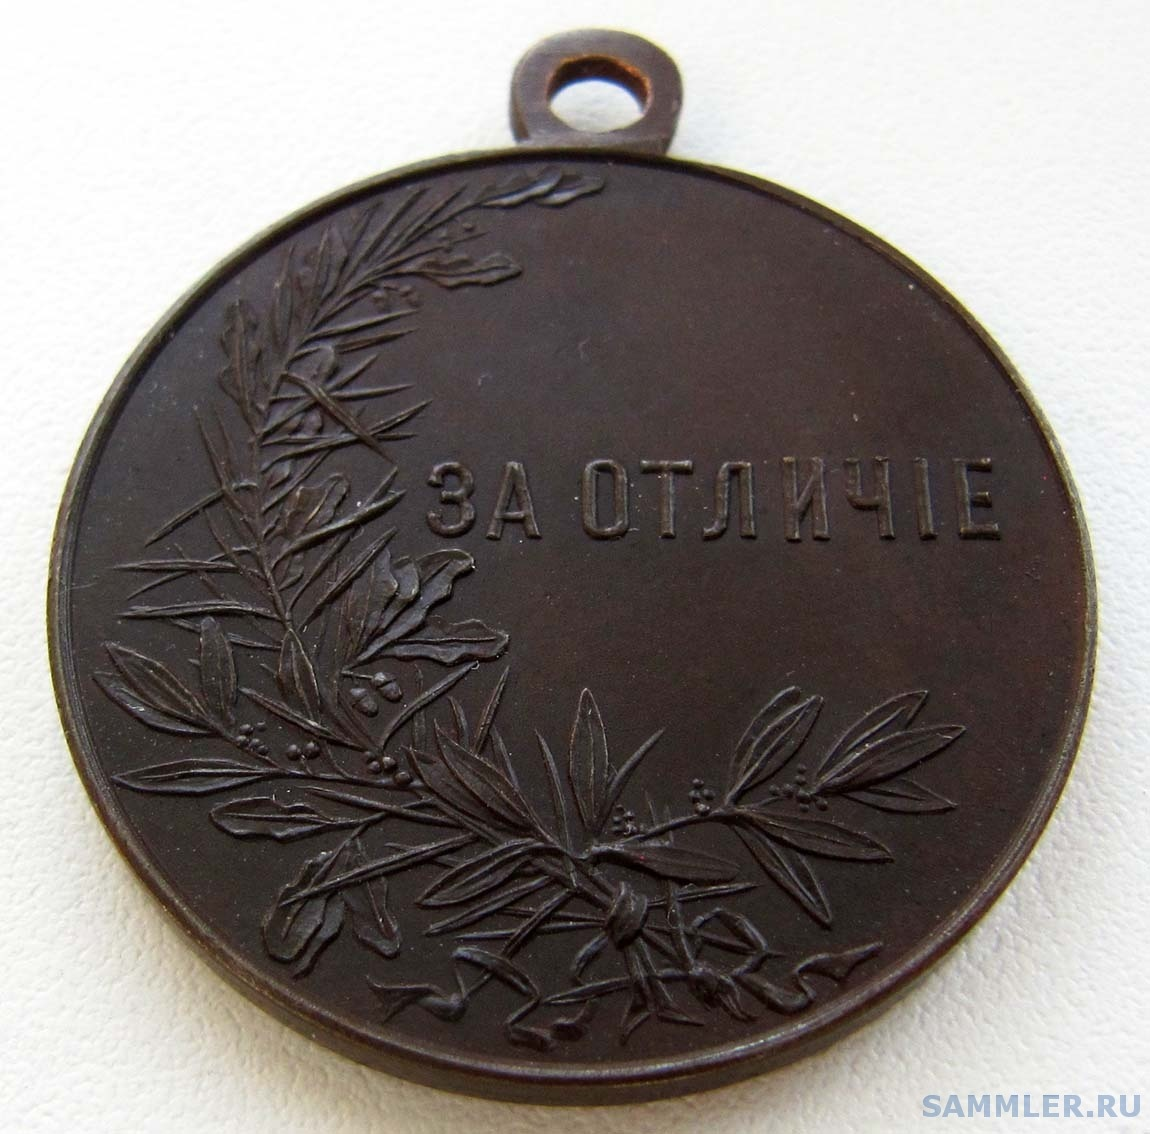 Медаль_За отличие. Тёмная бронза. Николай 2 (реверс 2).jpg